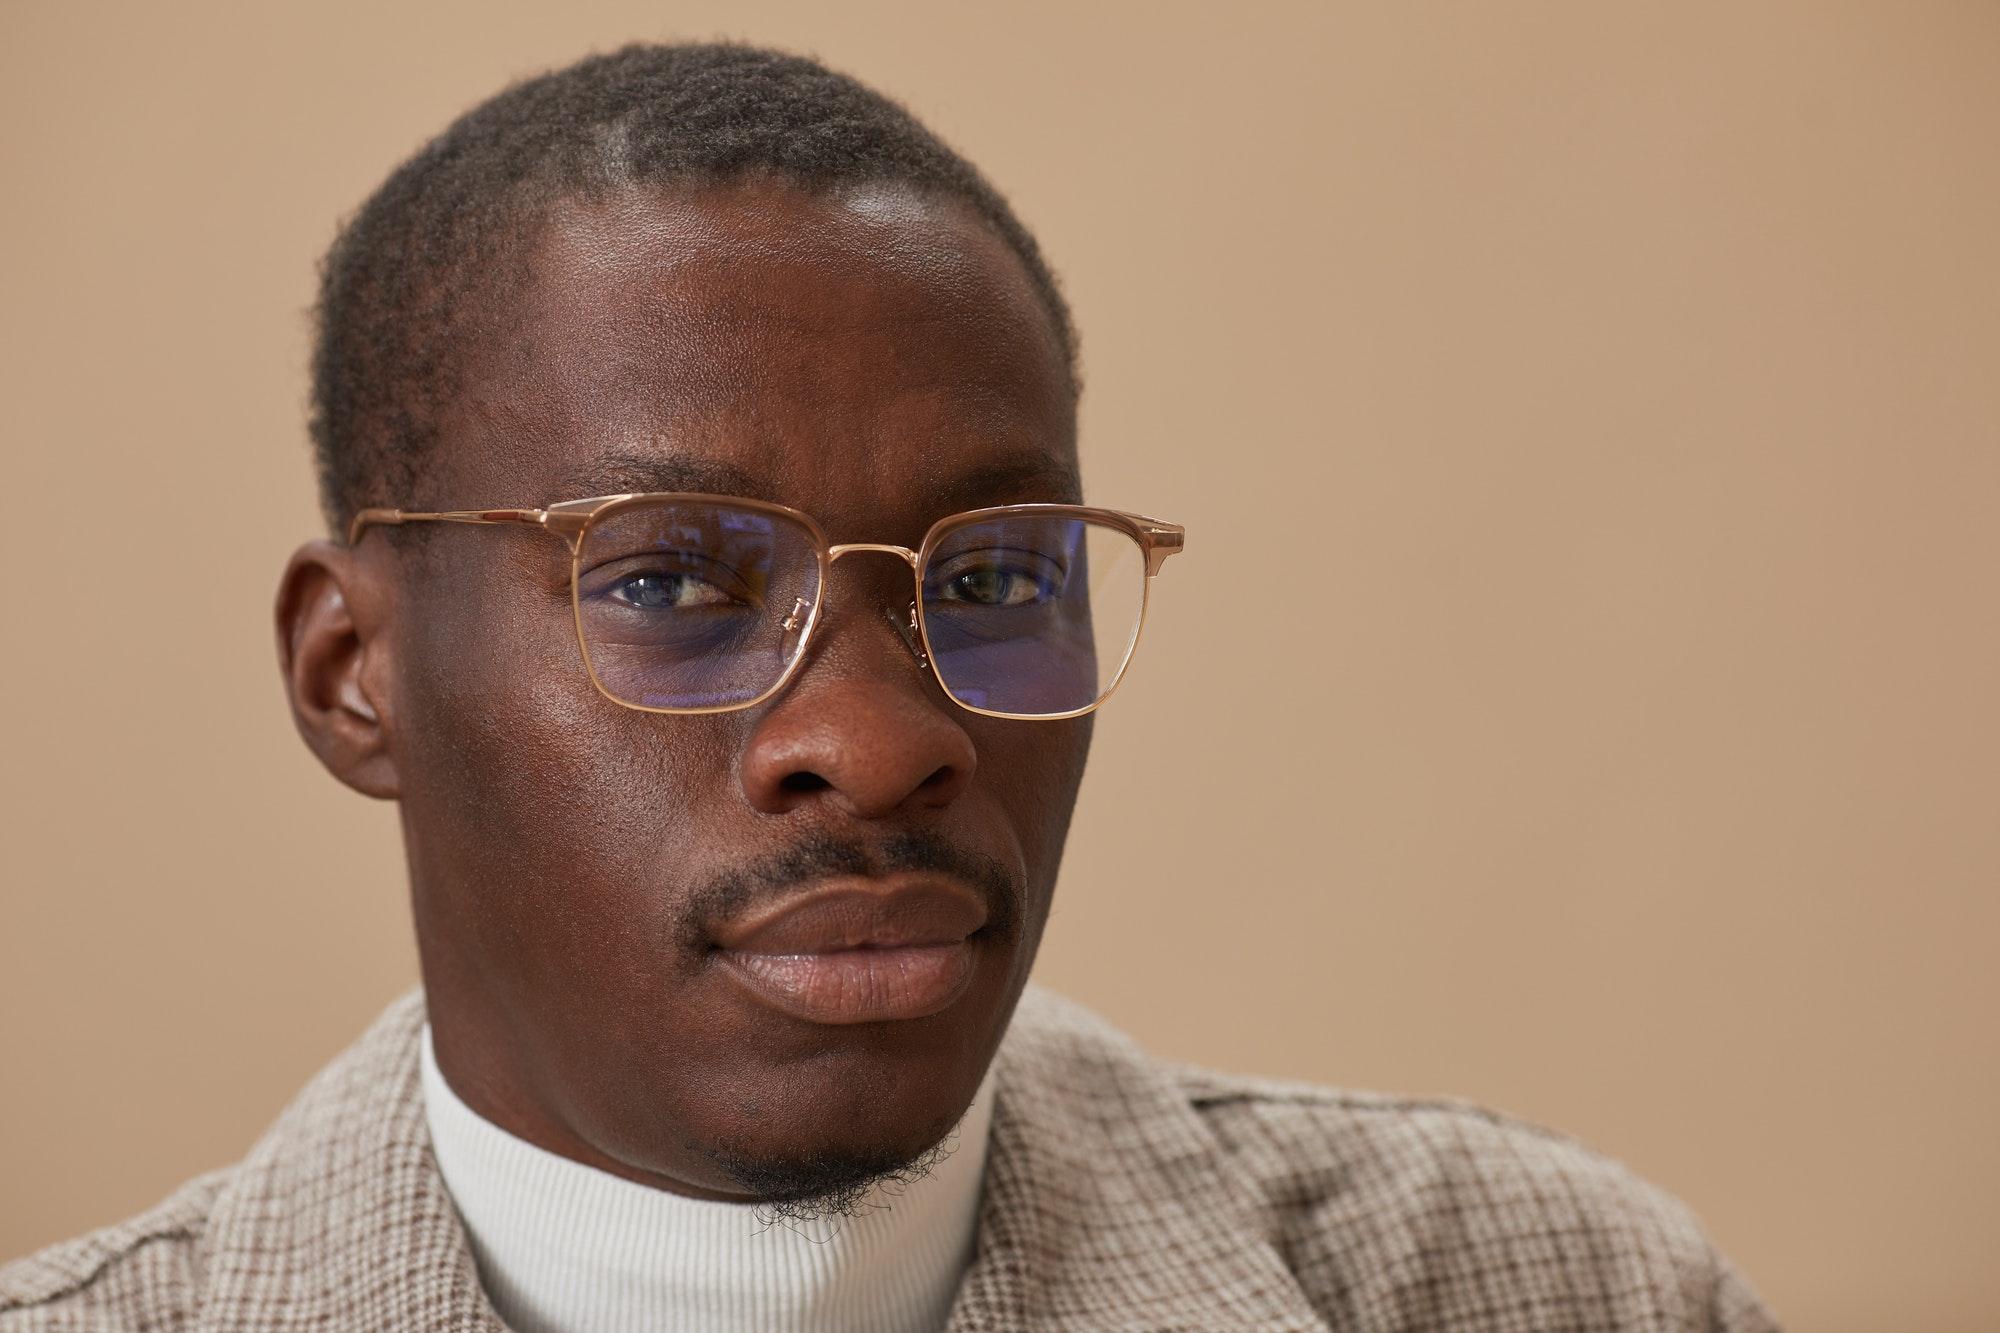 African man in eyeglasses